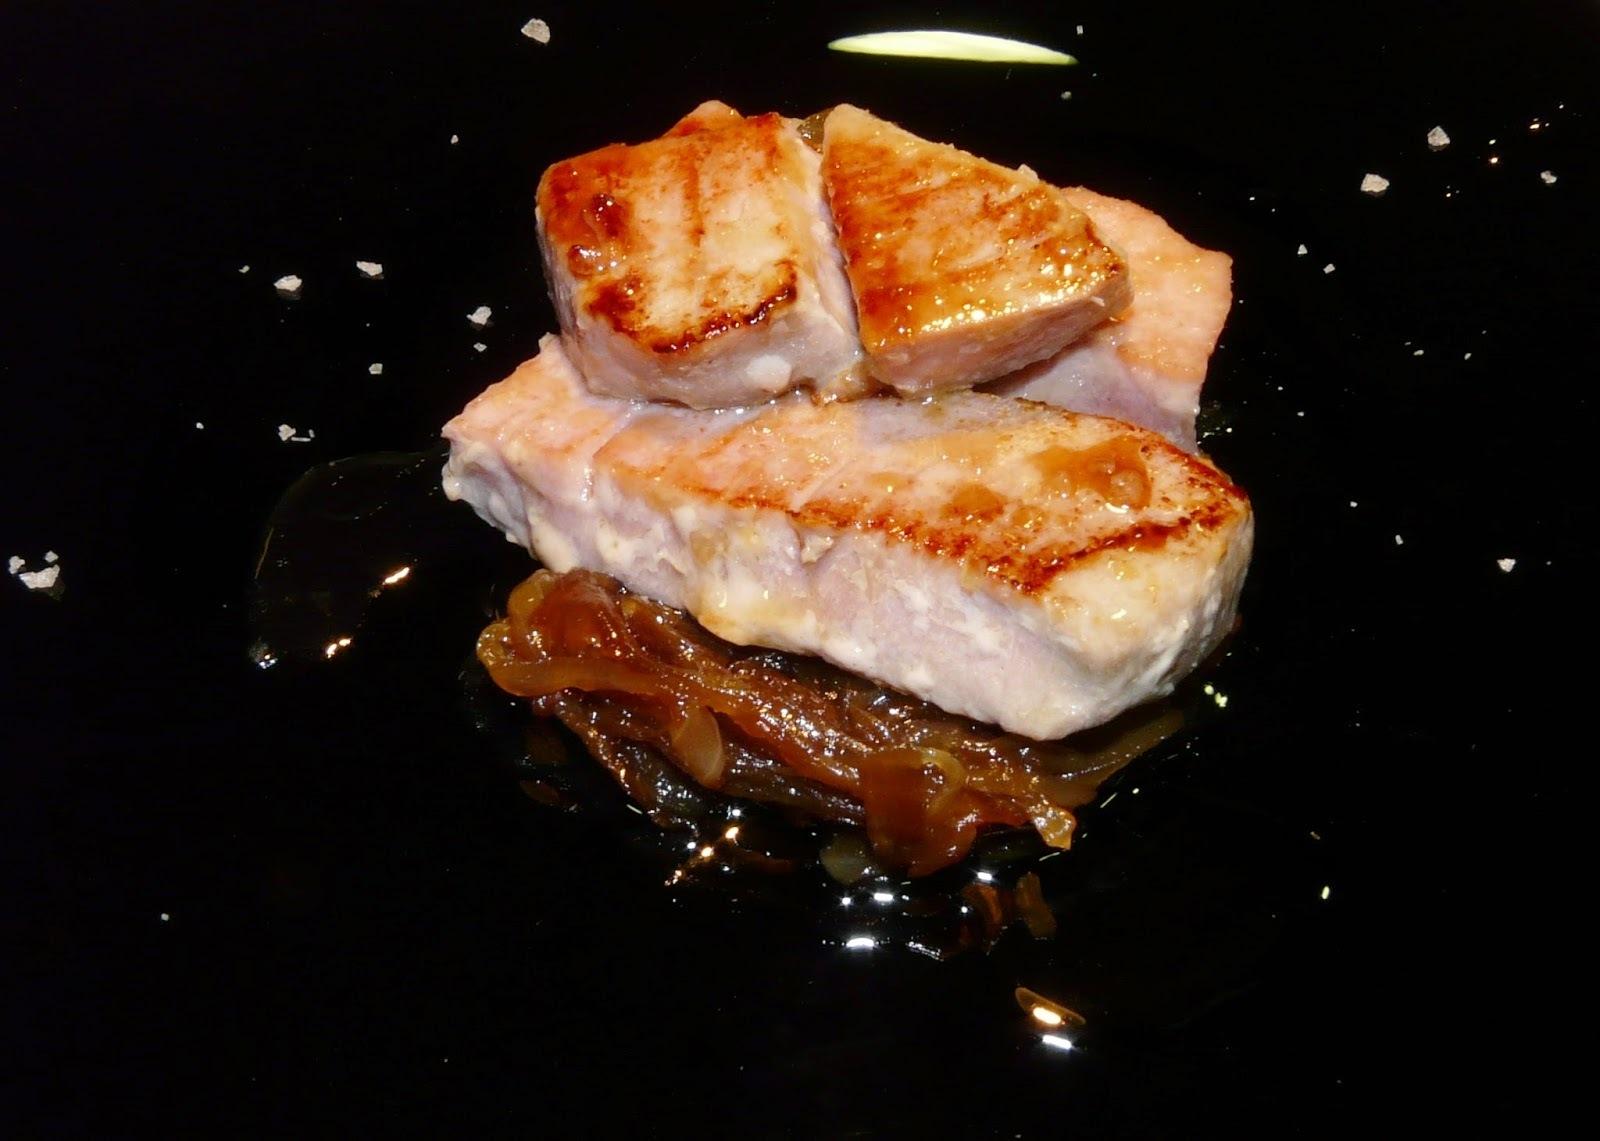 Tonyina marinada amb mel i soja sobre llit de ceba caramel·litzada.